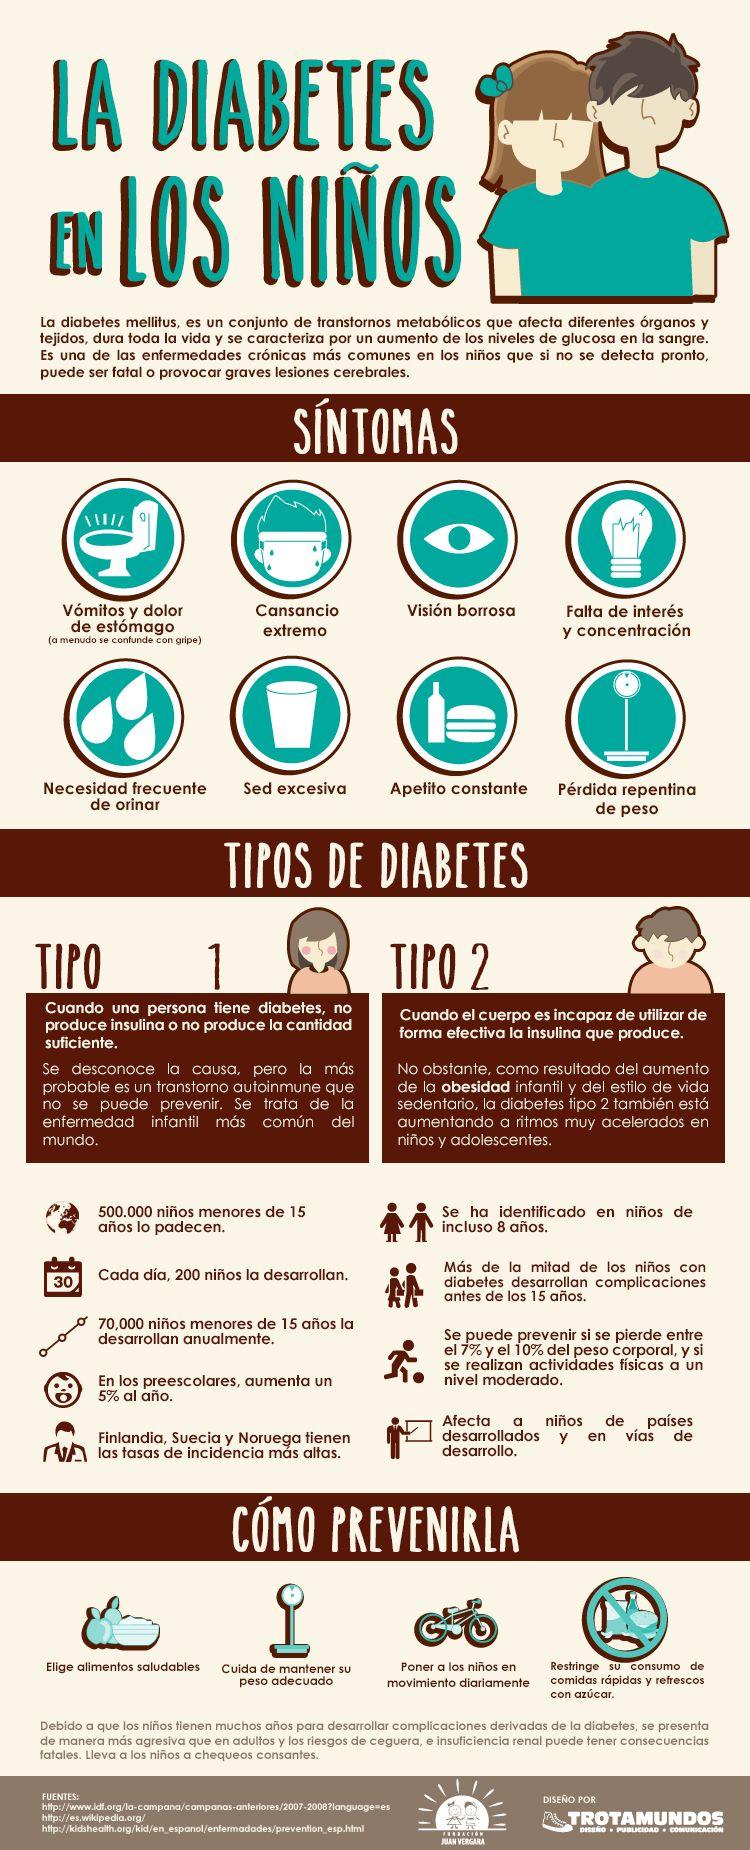 diferencia entre diabetes ppt tipo 1 y 2 para niños